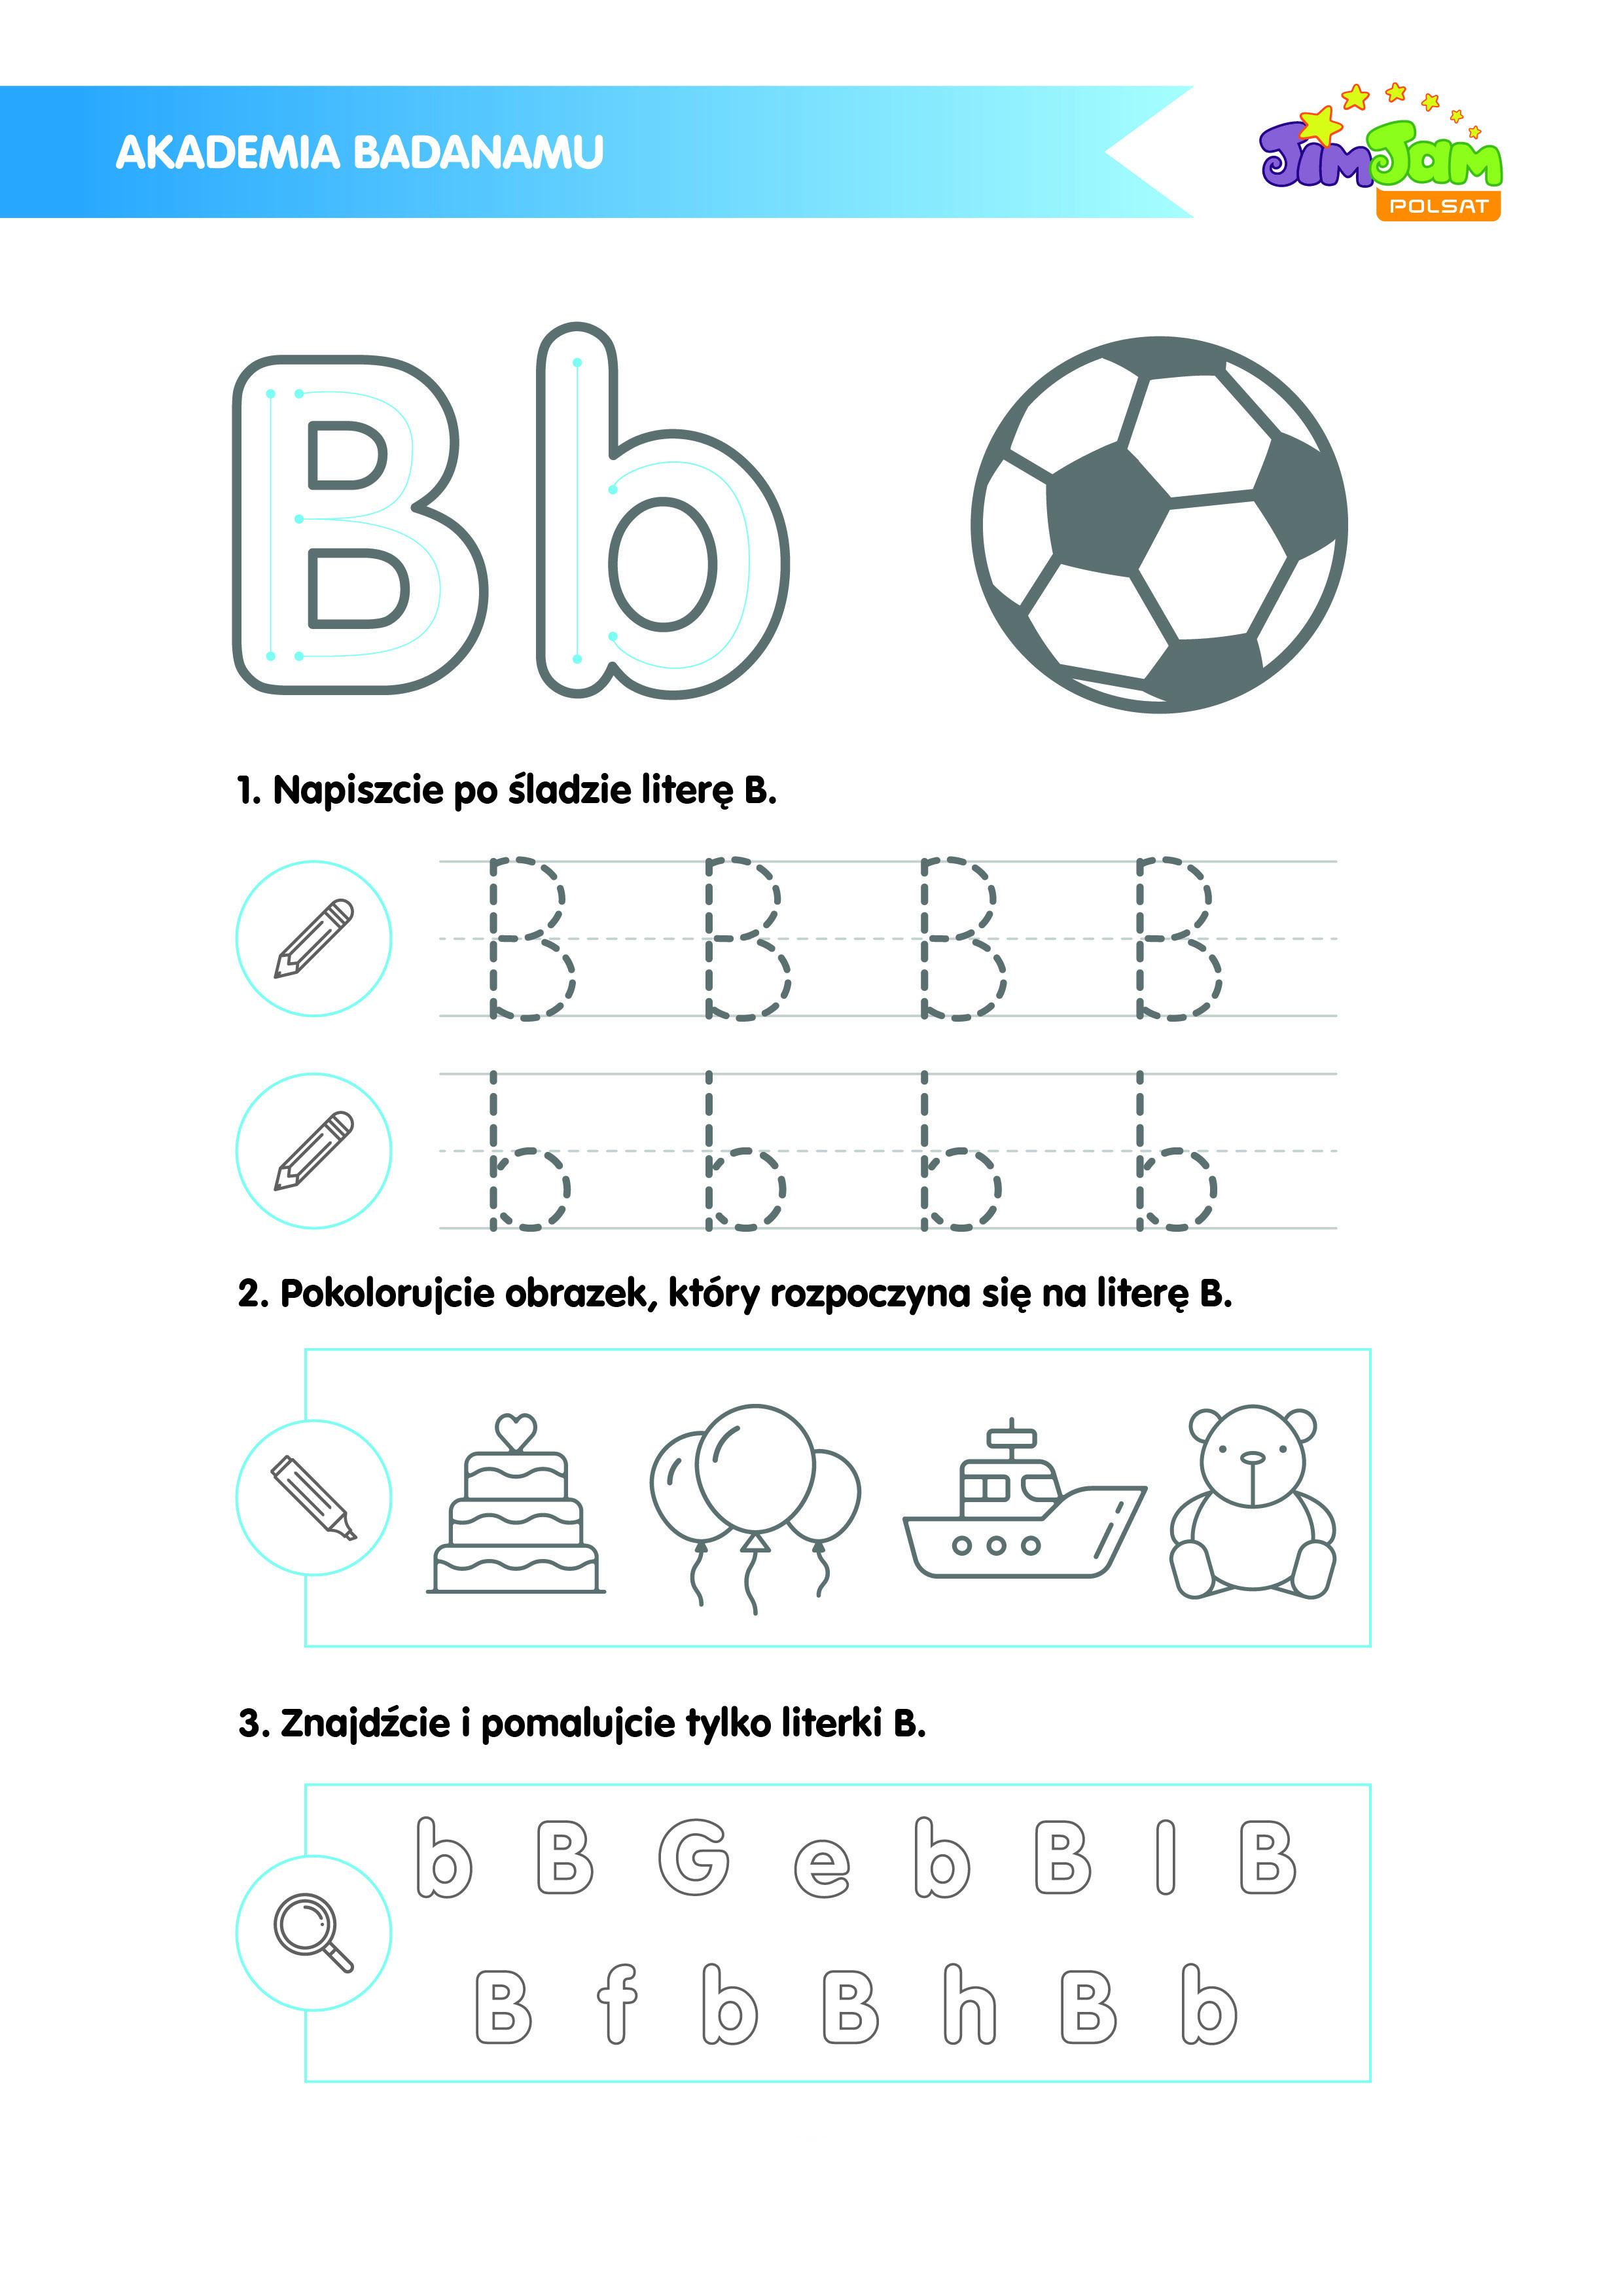 Zabawy z literką B z serialu Badanamu